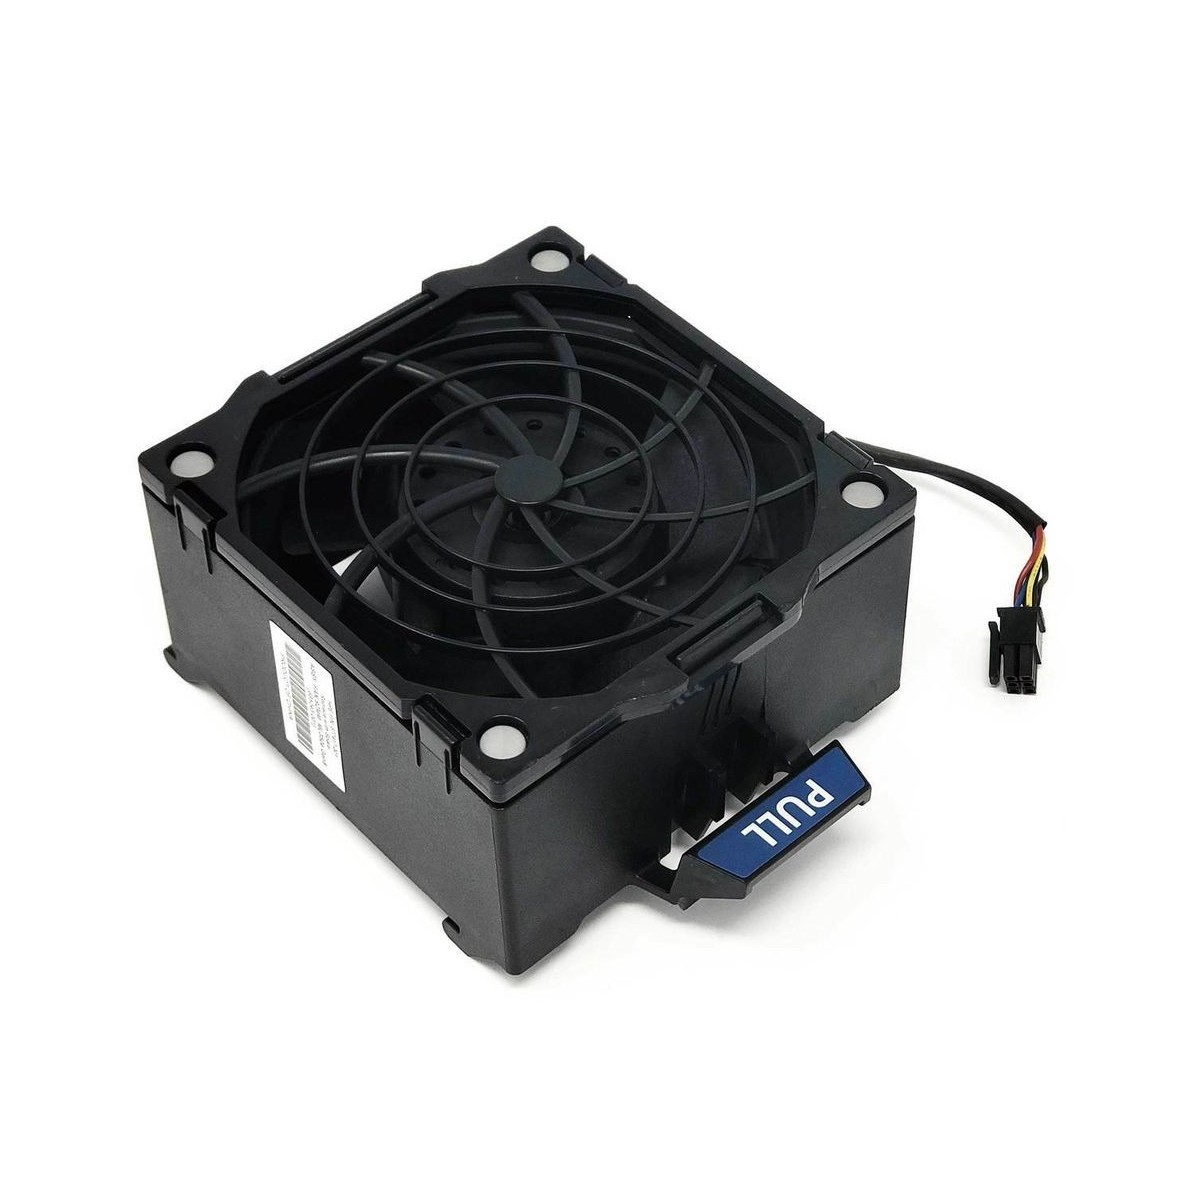 RAID DELL PERC H810 6GBS 1GB PCIe BATTERY 0VV648